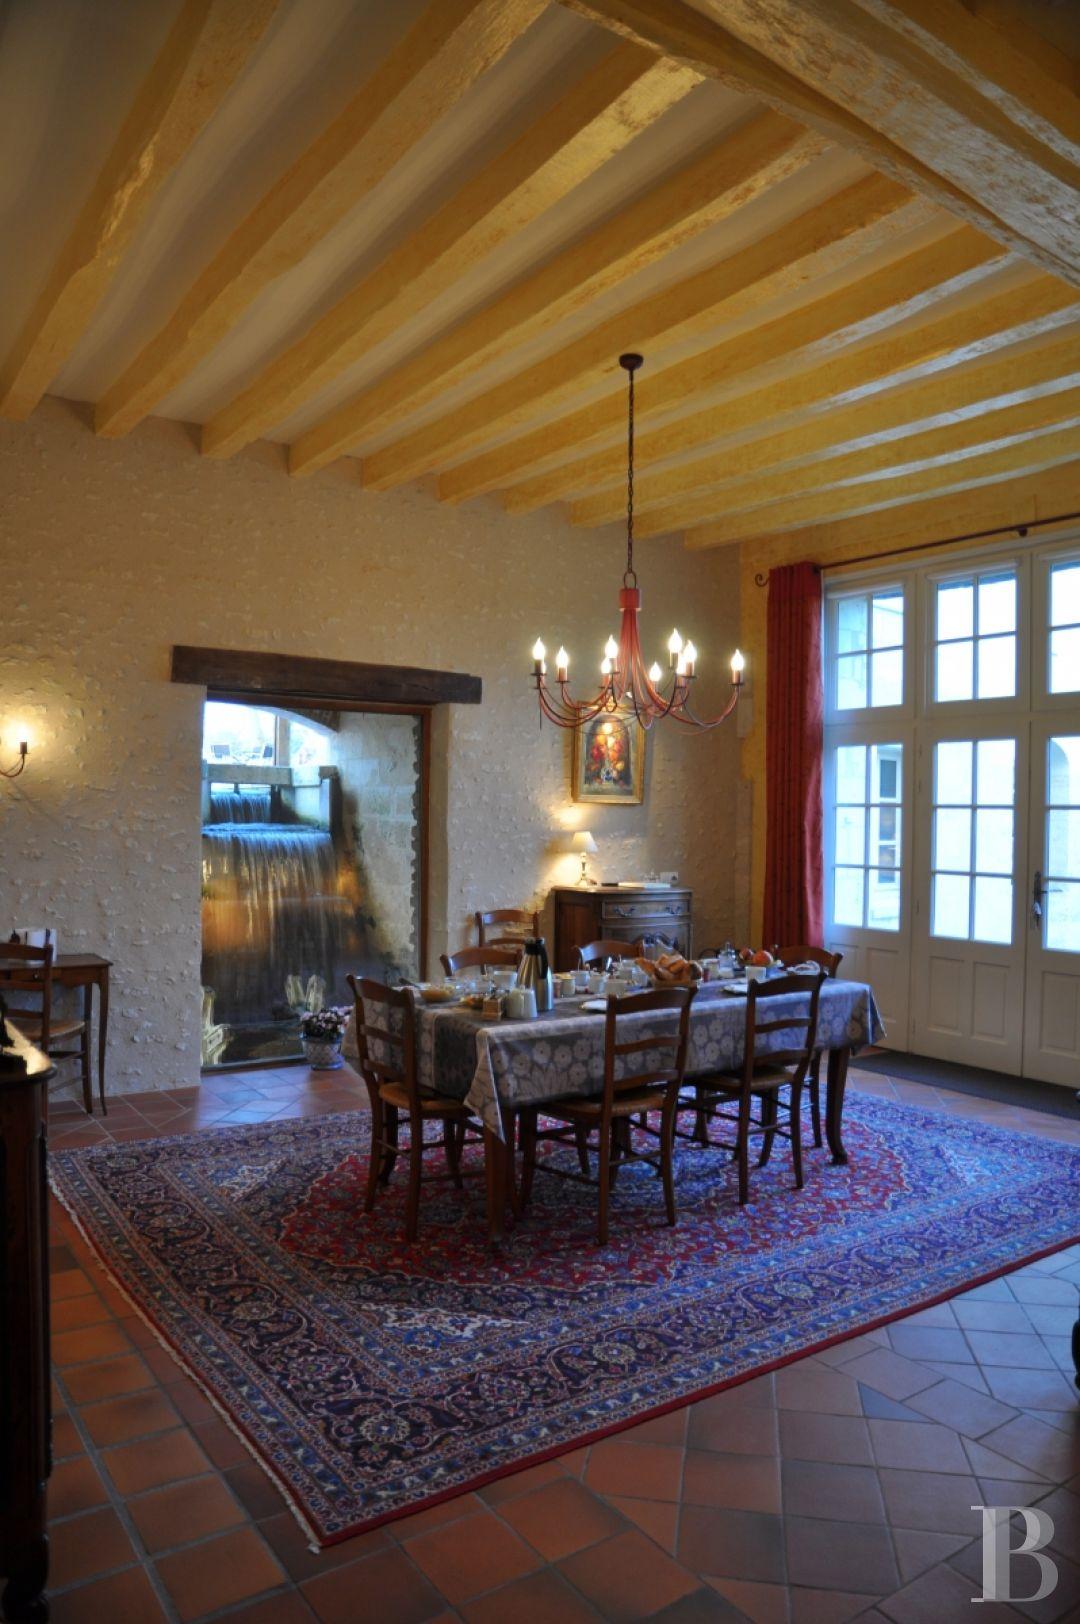 Patrice besse chambres d 39 h tes centre quelques lieux du majestueux chenonceau et du - Chambres d hotes touraine ...